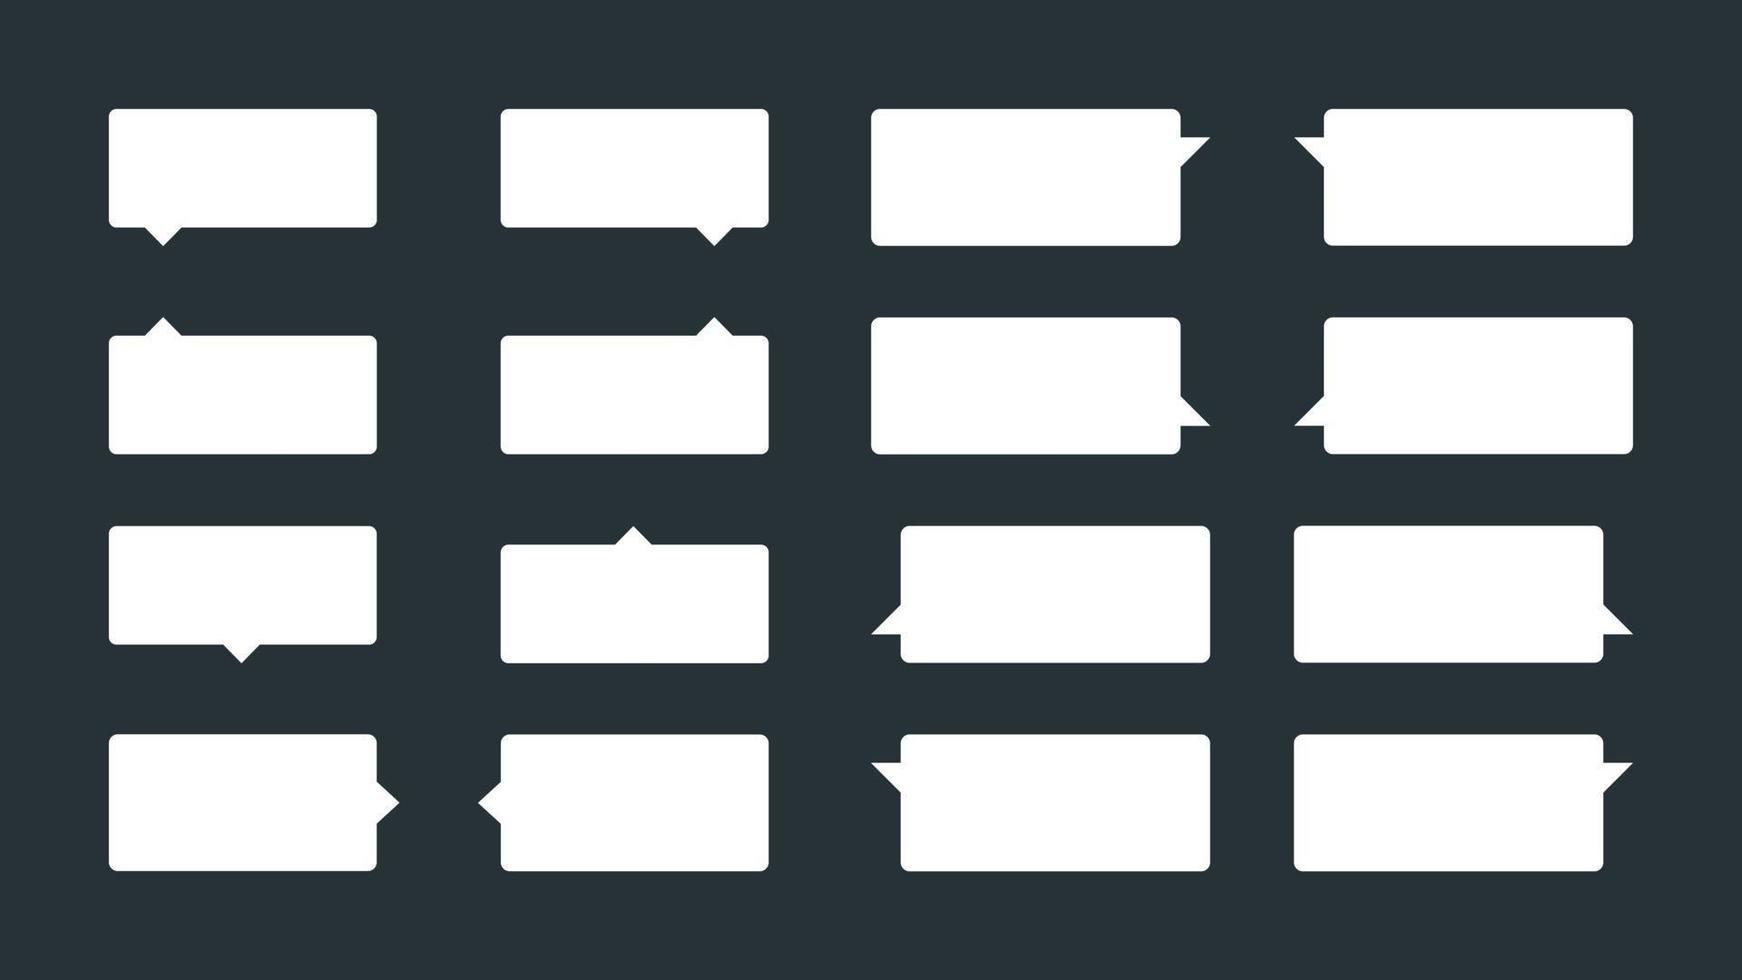 set van 16 eenvoudige tooltips of spraakballonnen. platte vector tekstballonnen, dialoogballonnen of woordballonnen. kan worden gebruikt in strips en als tips of meldingen op sites.